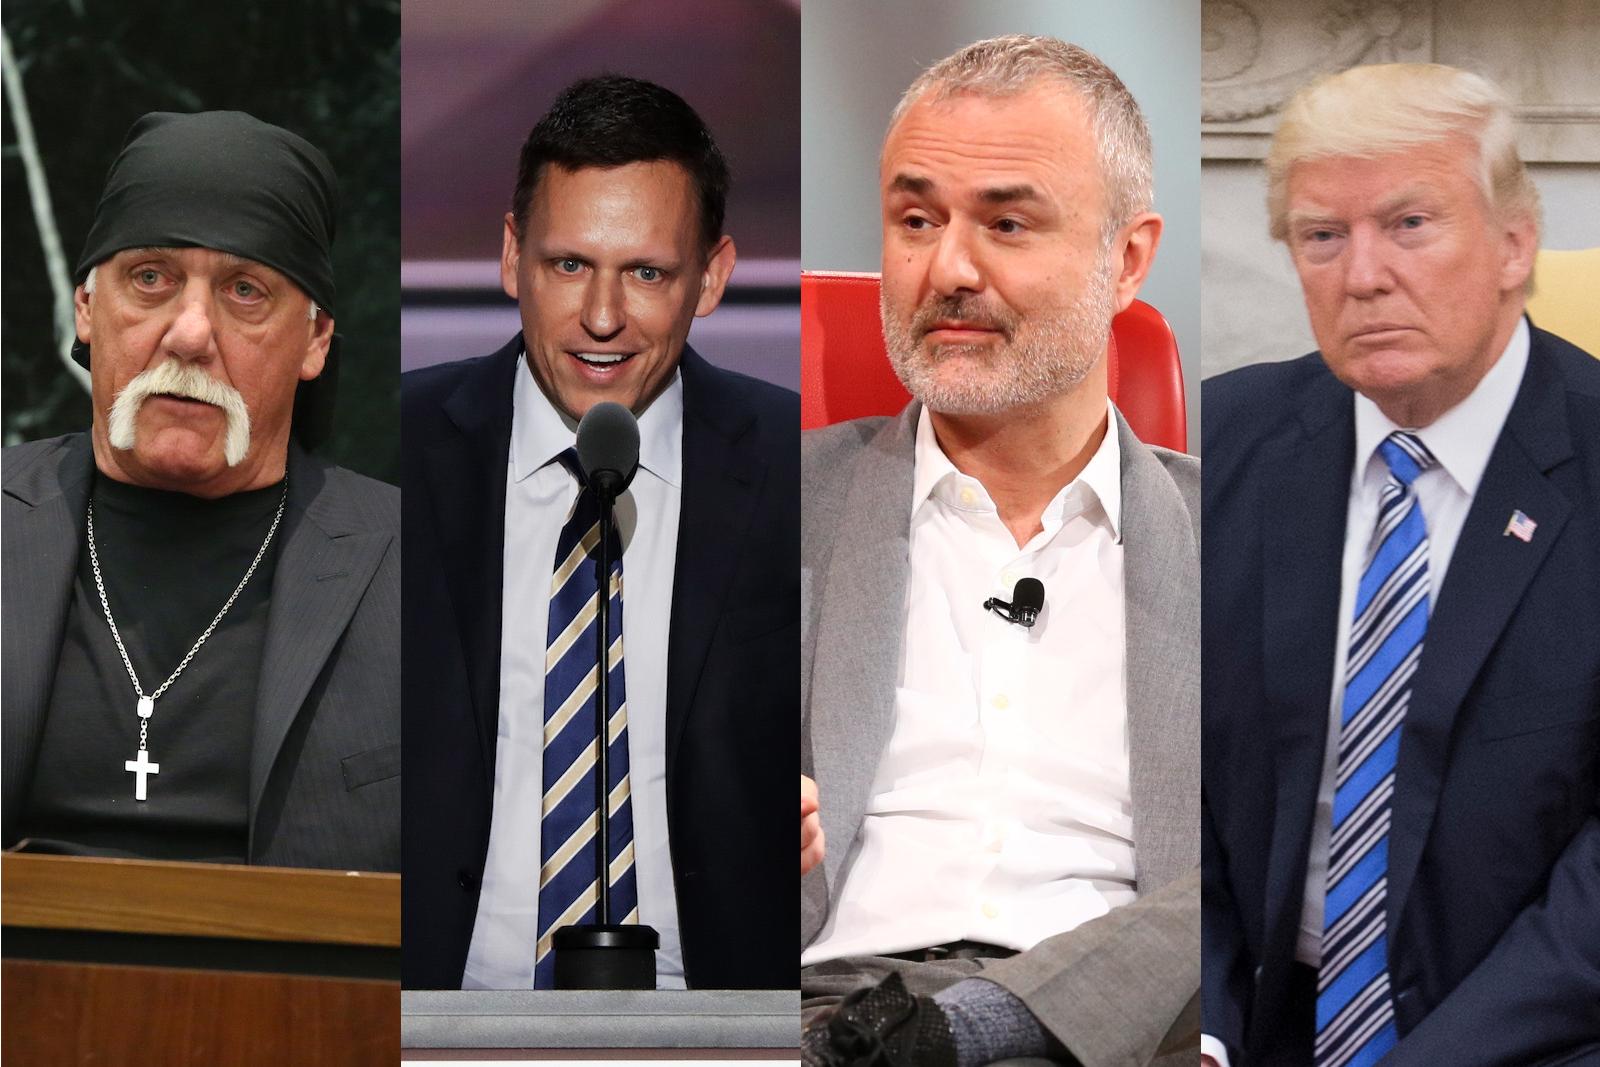 Hulk Hogan, Peter Thiel, Nick Denton and Donald Trump